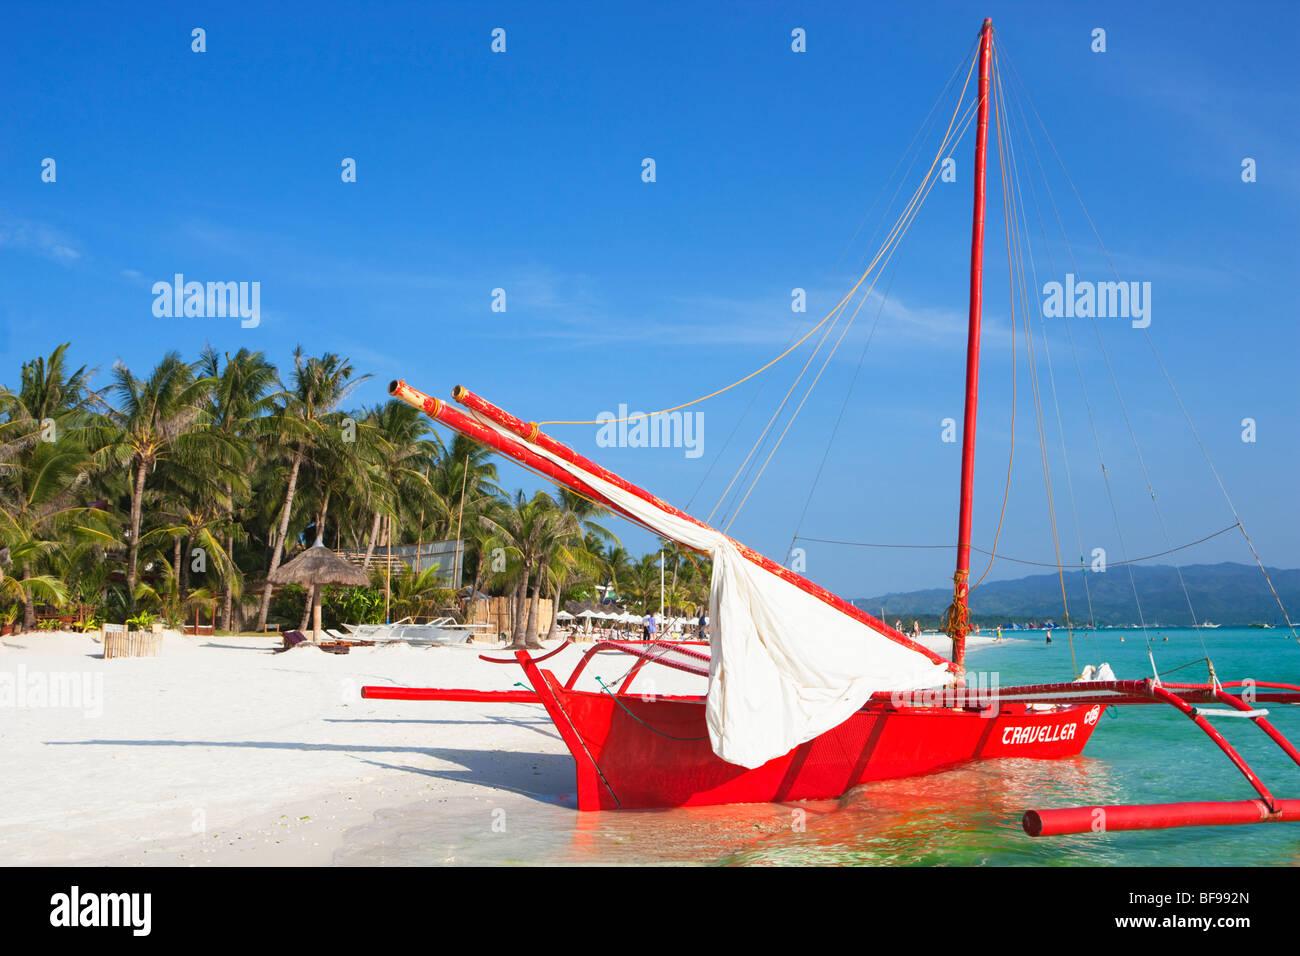 Bateau rouge, de sable blanc et de palmiers; Le Boracay, Philippines Visayas. Photo Stock